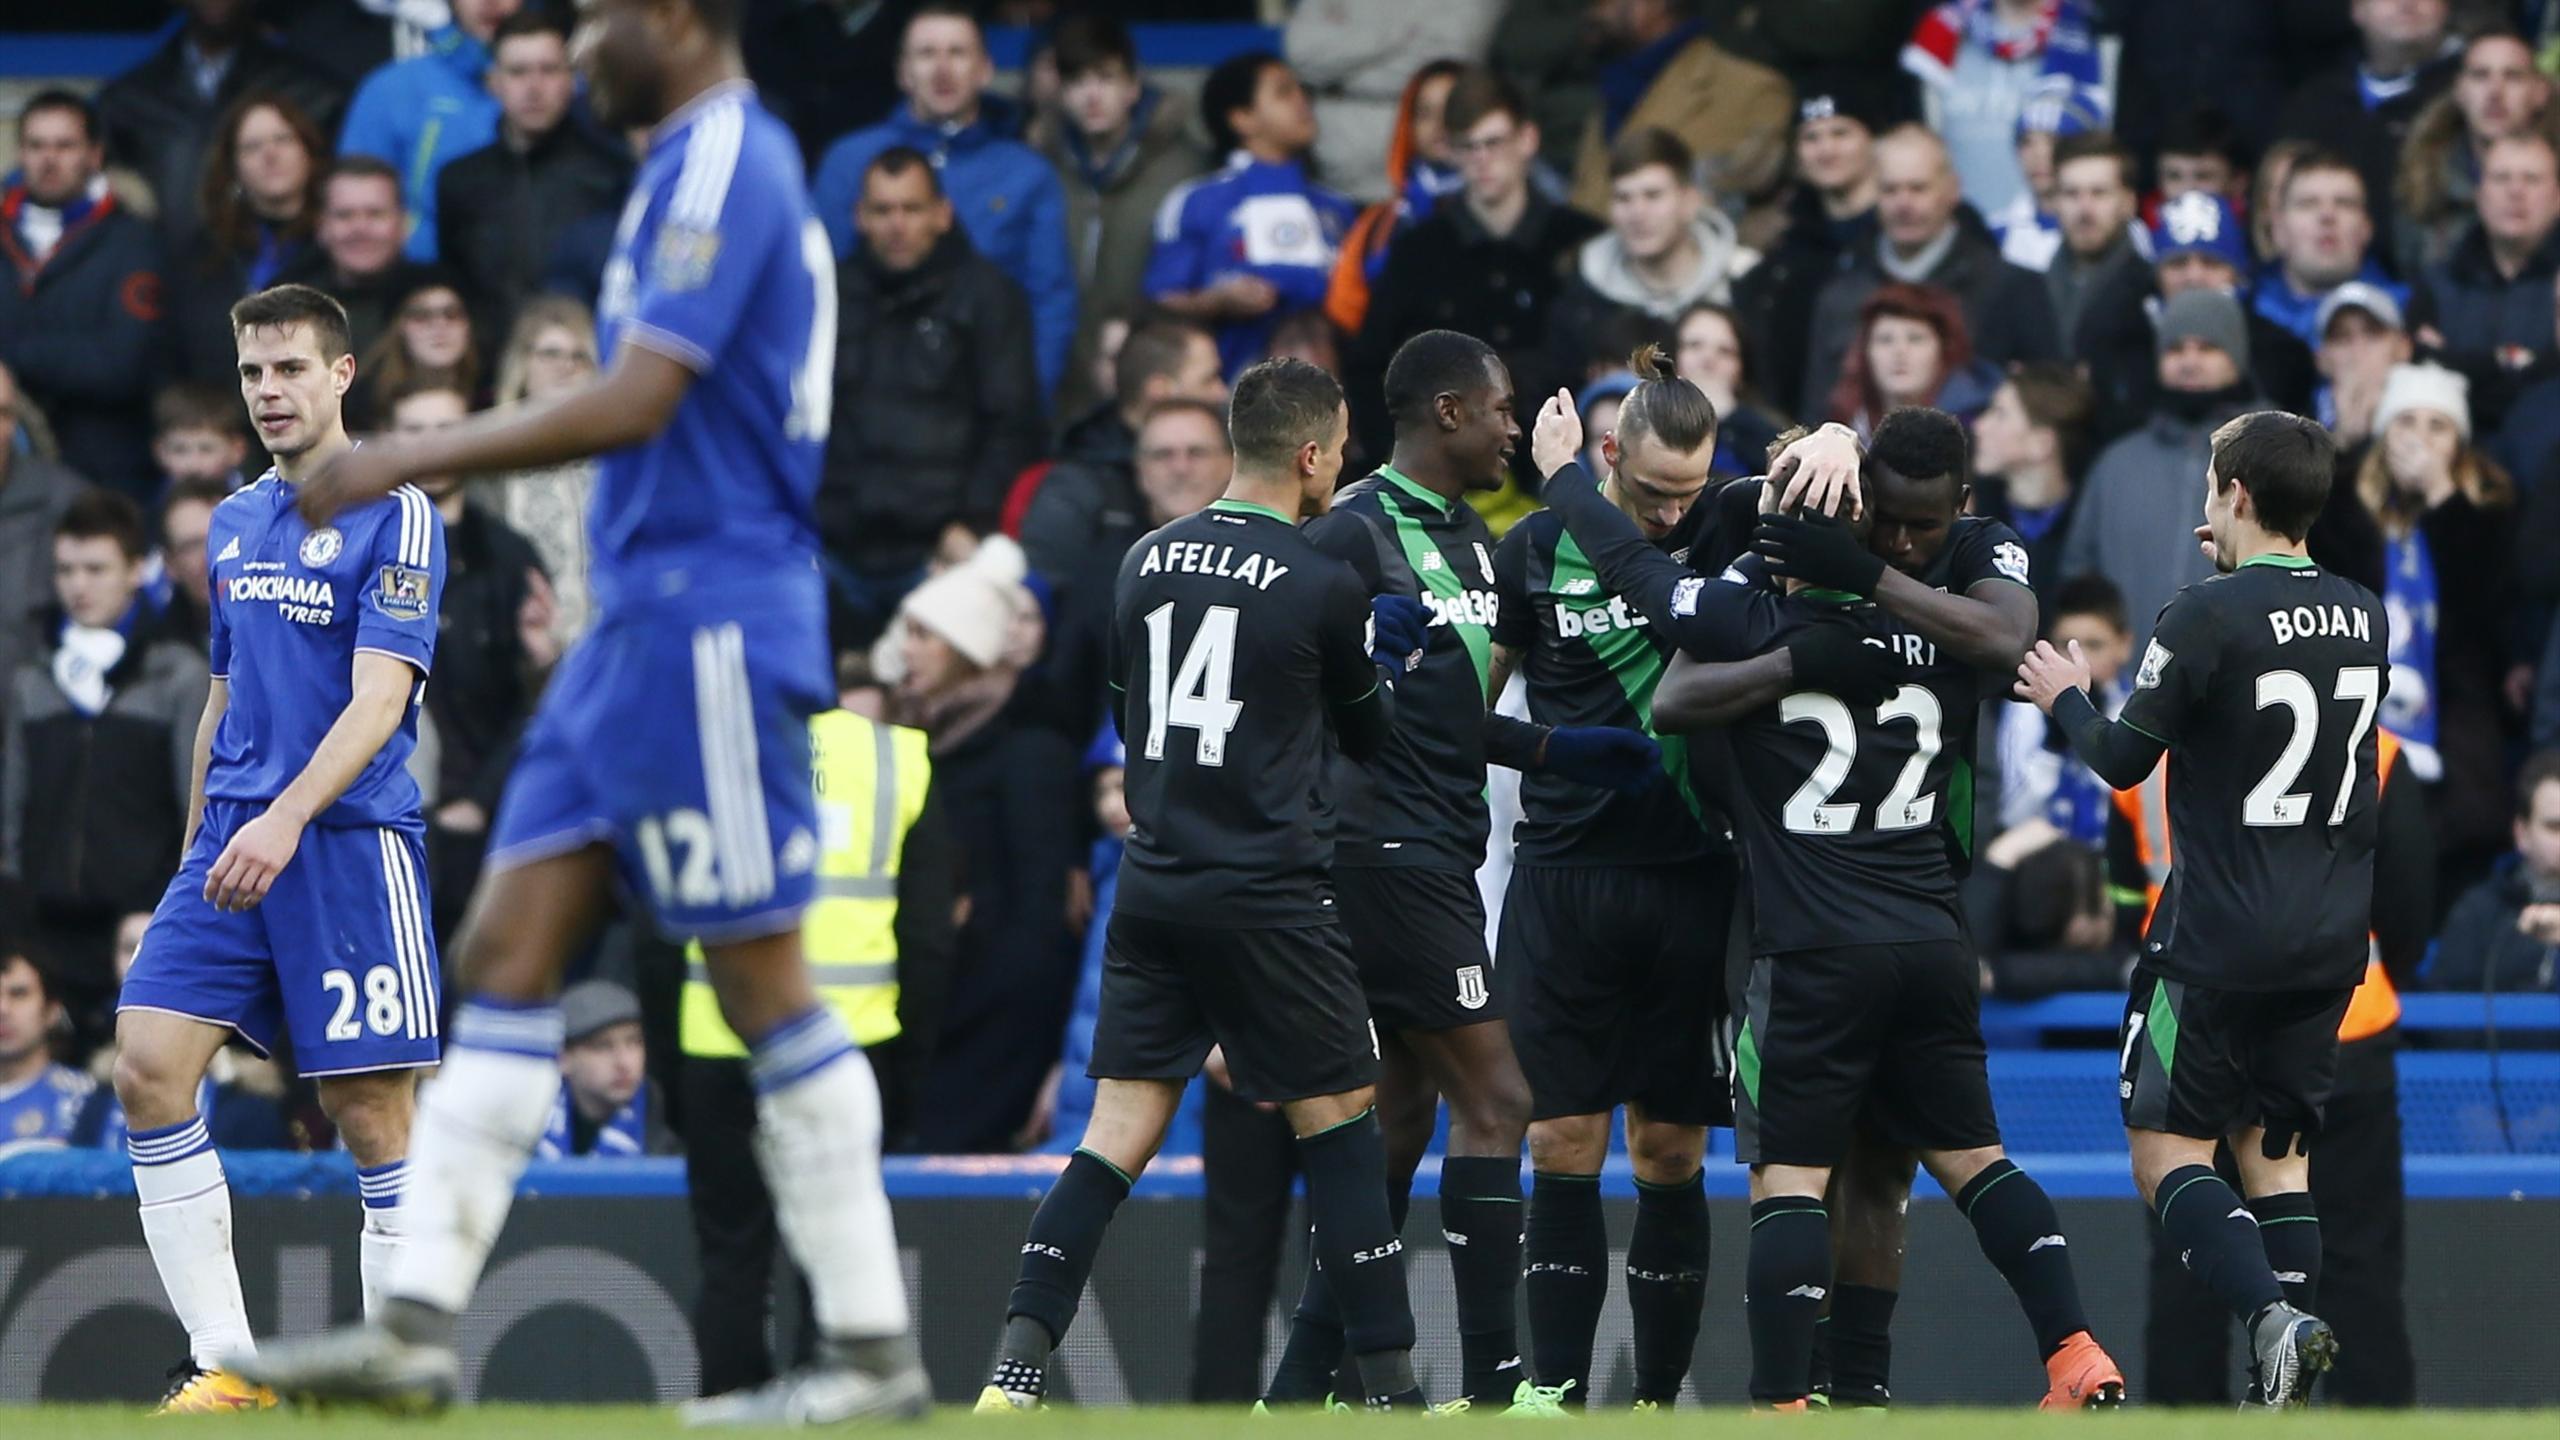 Stoke celebrate Mame Biram Diouf's equaliser against Chelsea